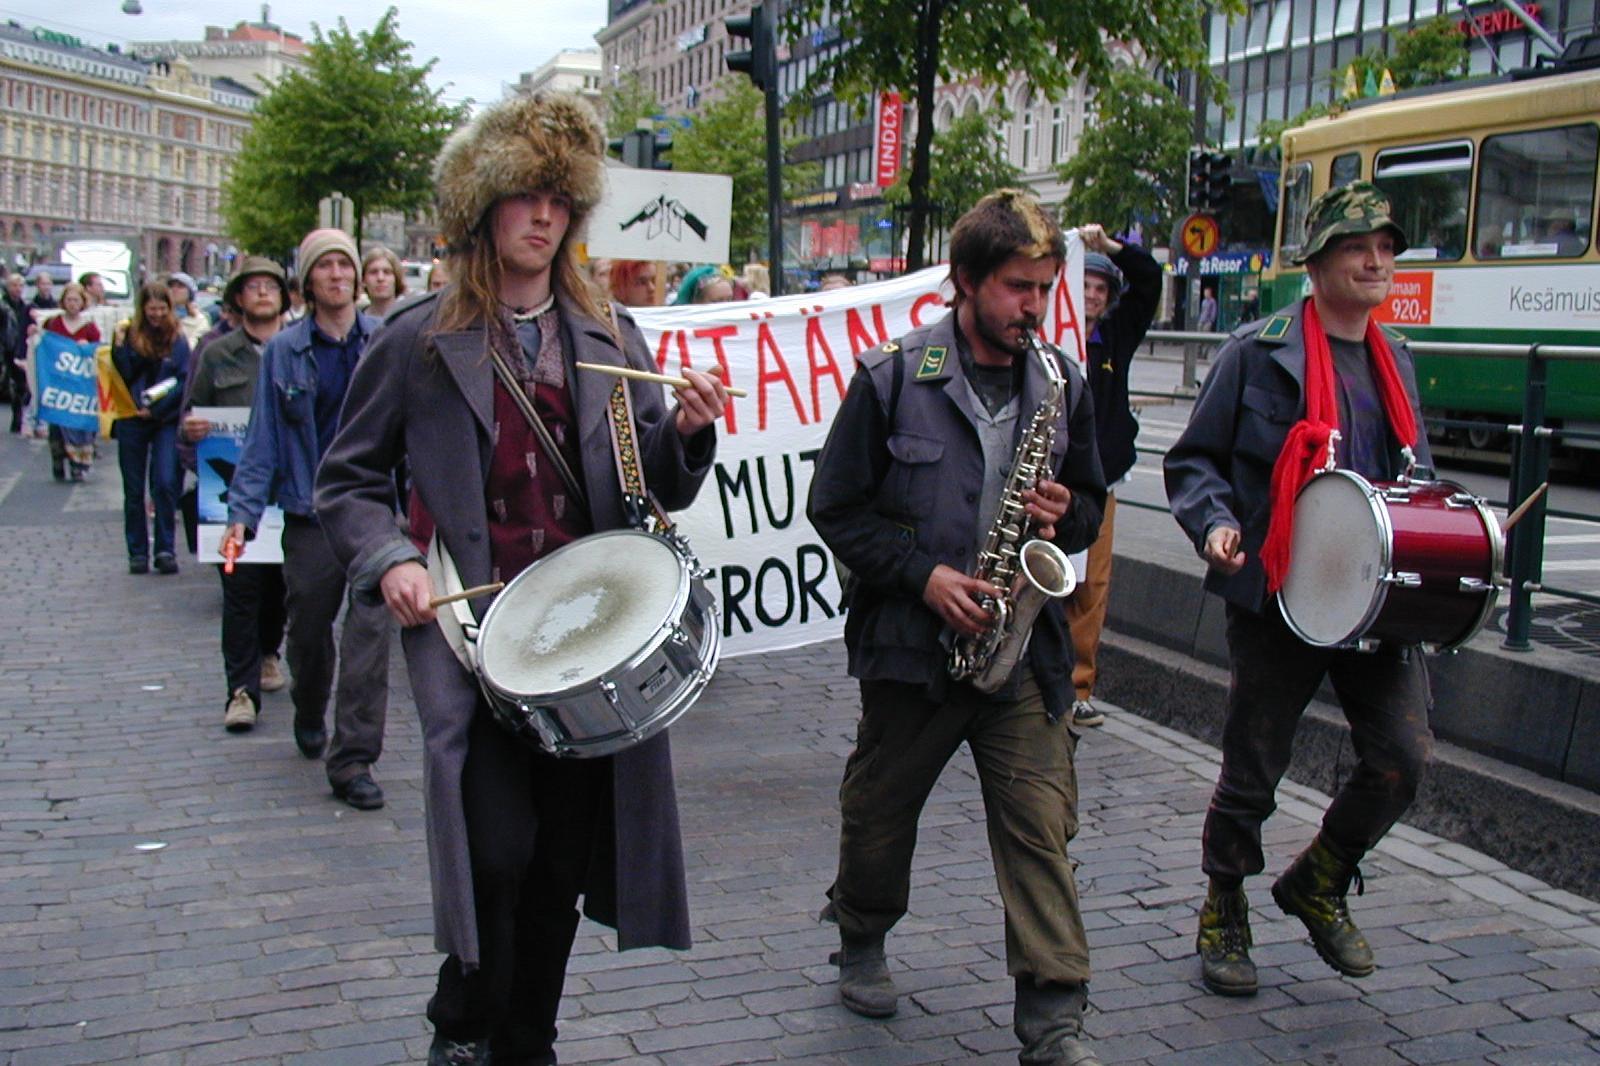 Ahmatti 2000 -kampanjan mielenosoituskulkue